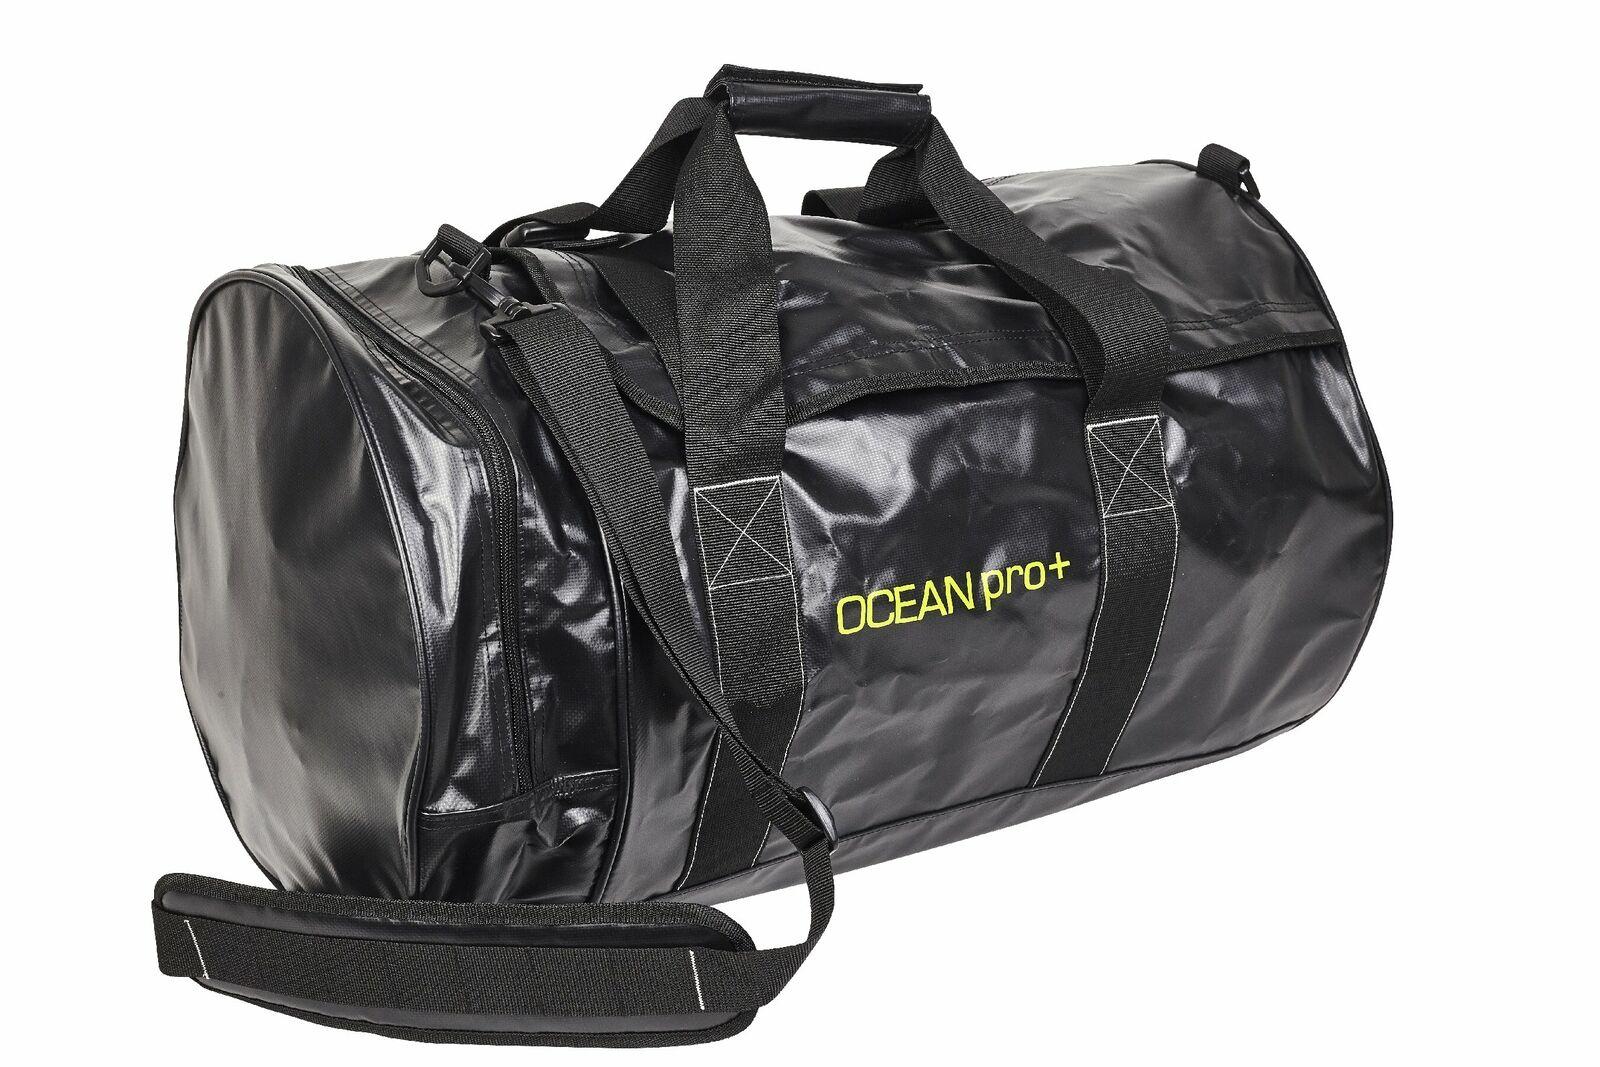 Wasserdichte Tasche OCEAN PRO+ Roundbag 60 Liter Sporttasche   rund   black